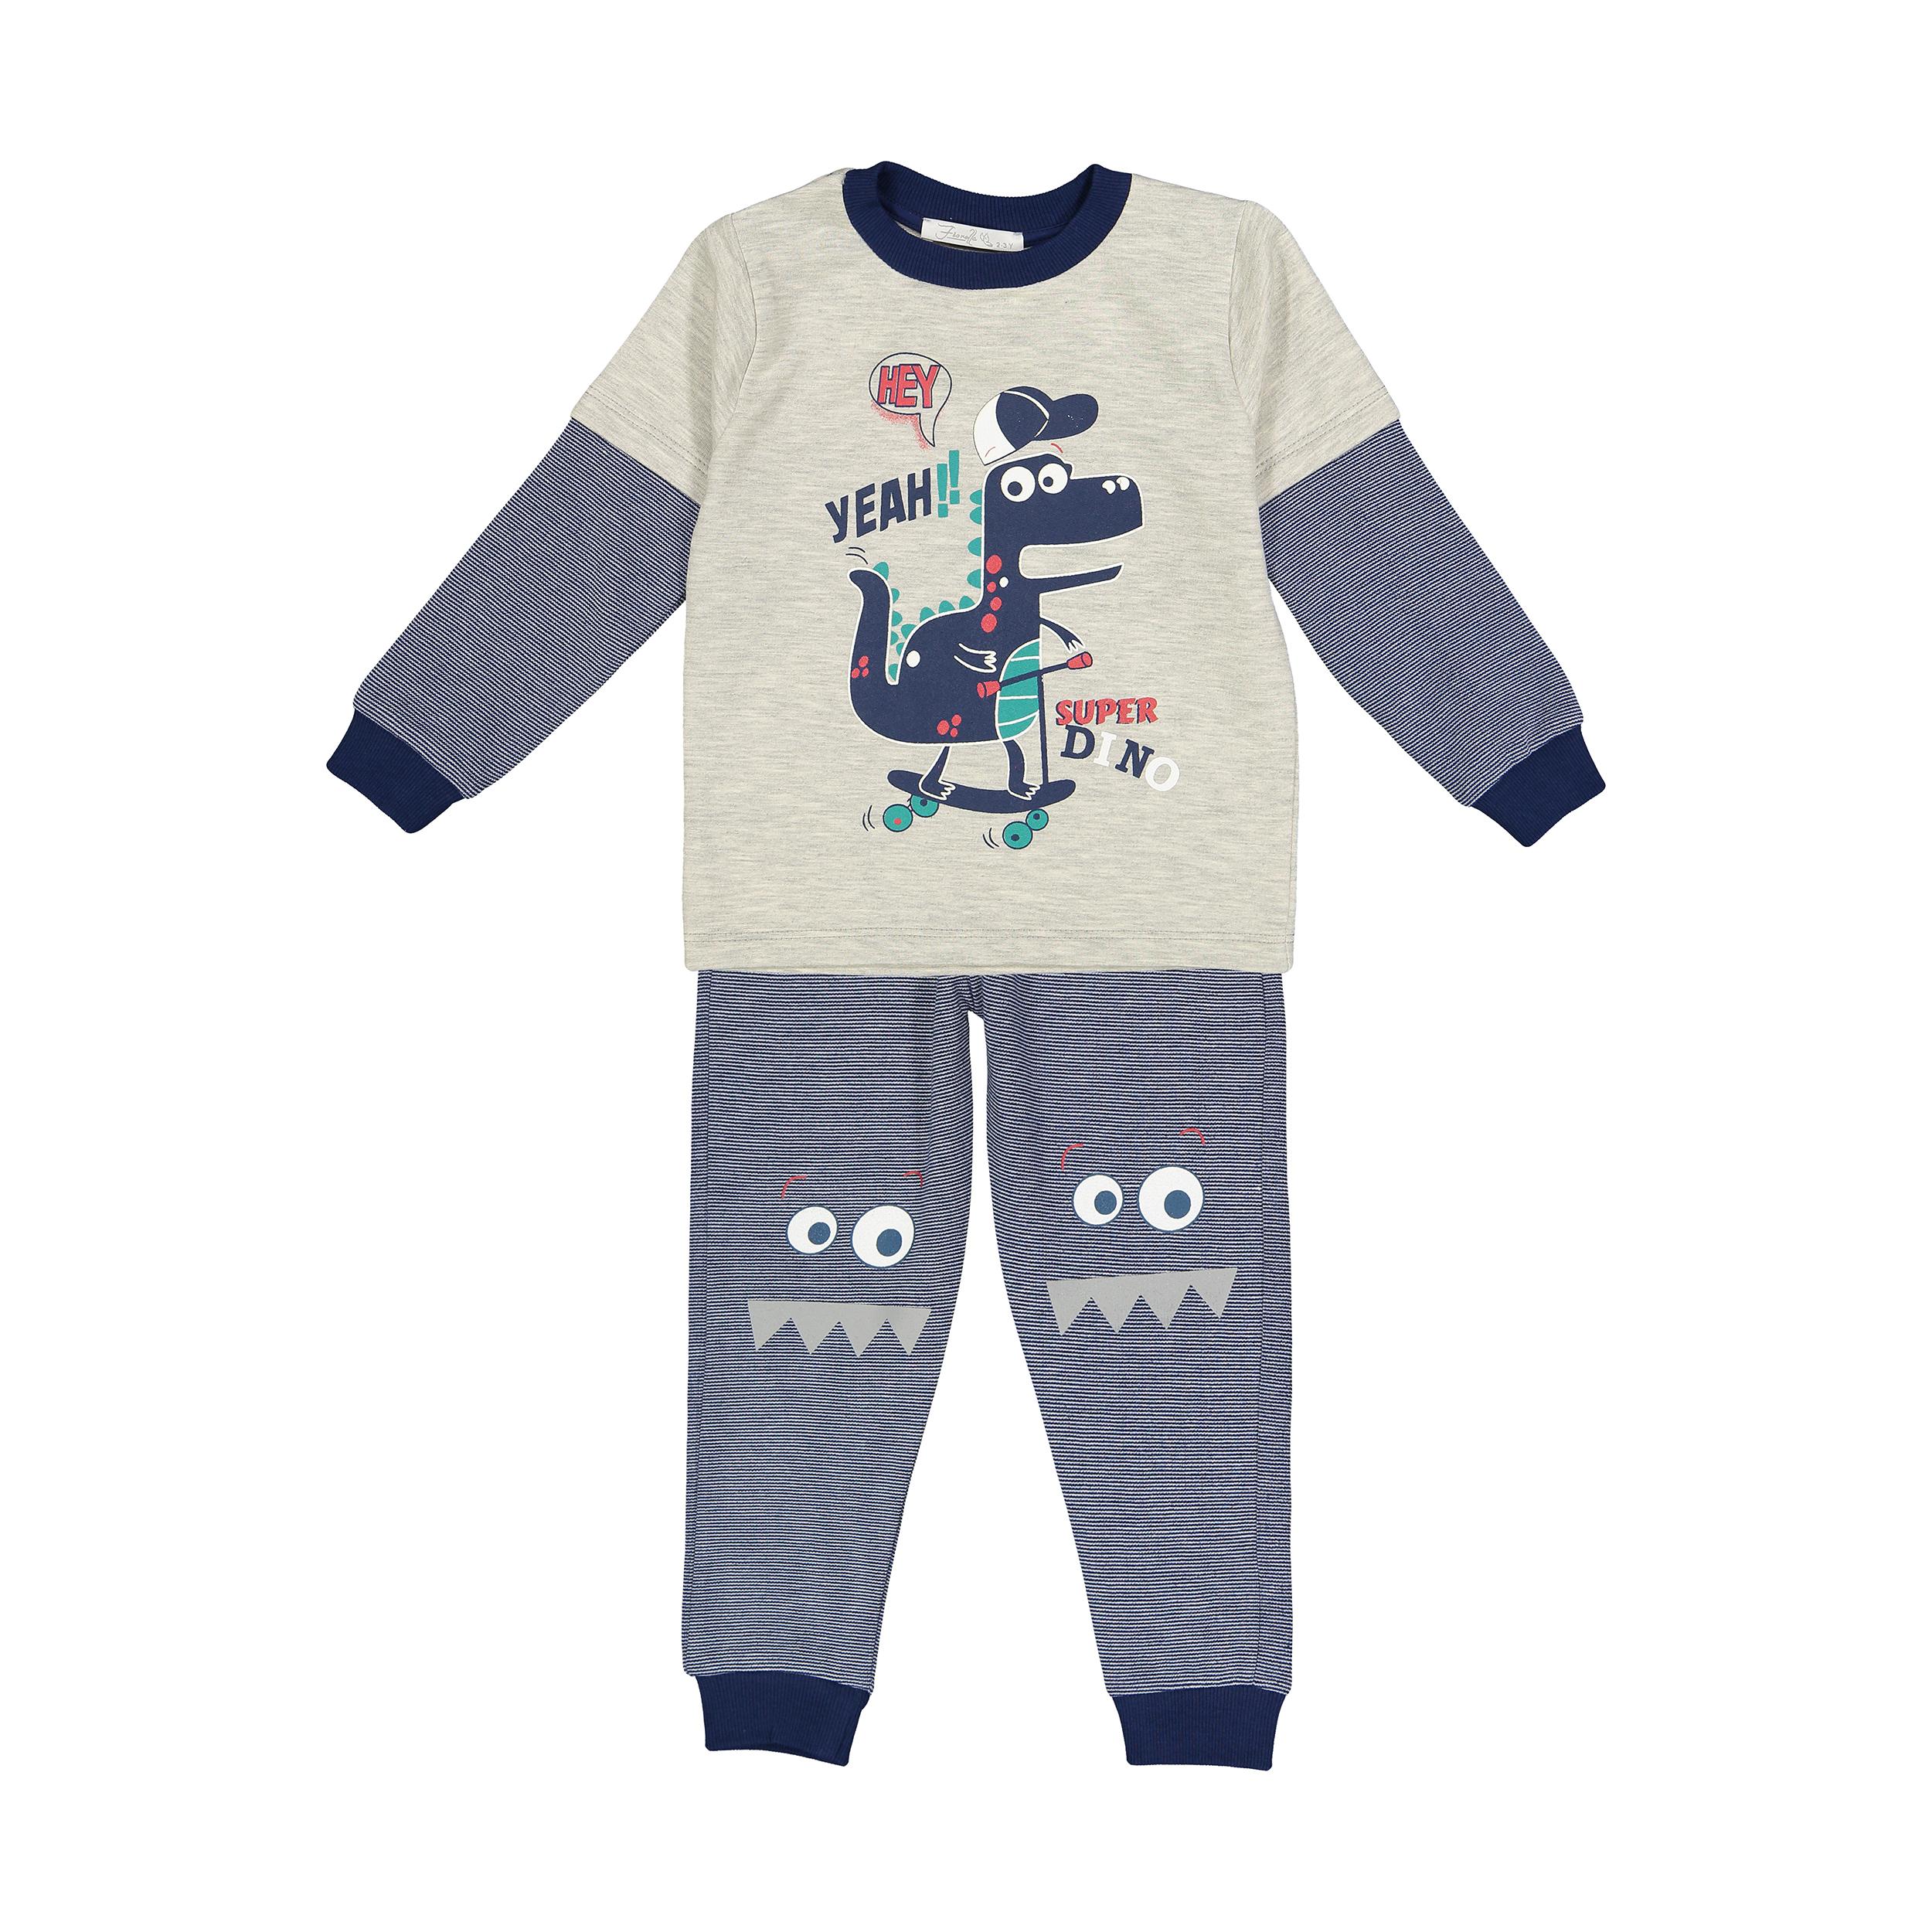 ست تی شرت و شلوار پسرانه فیورلا کد 30549